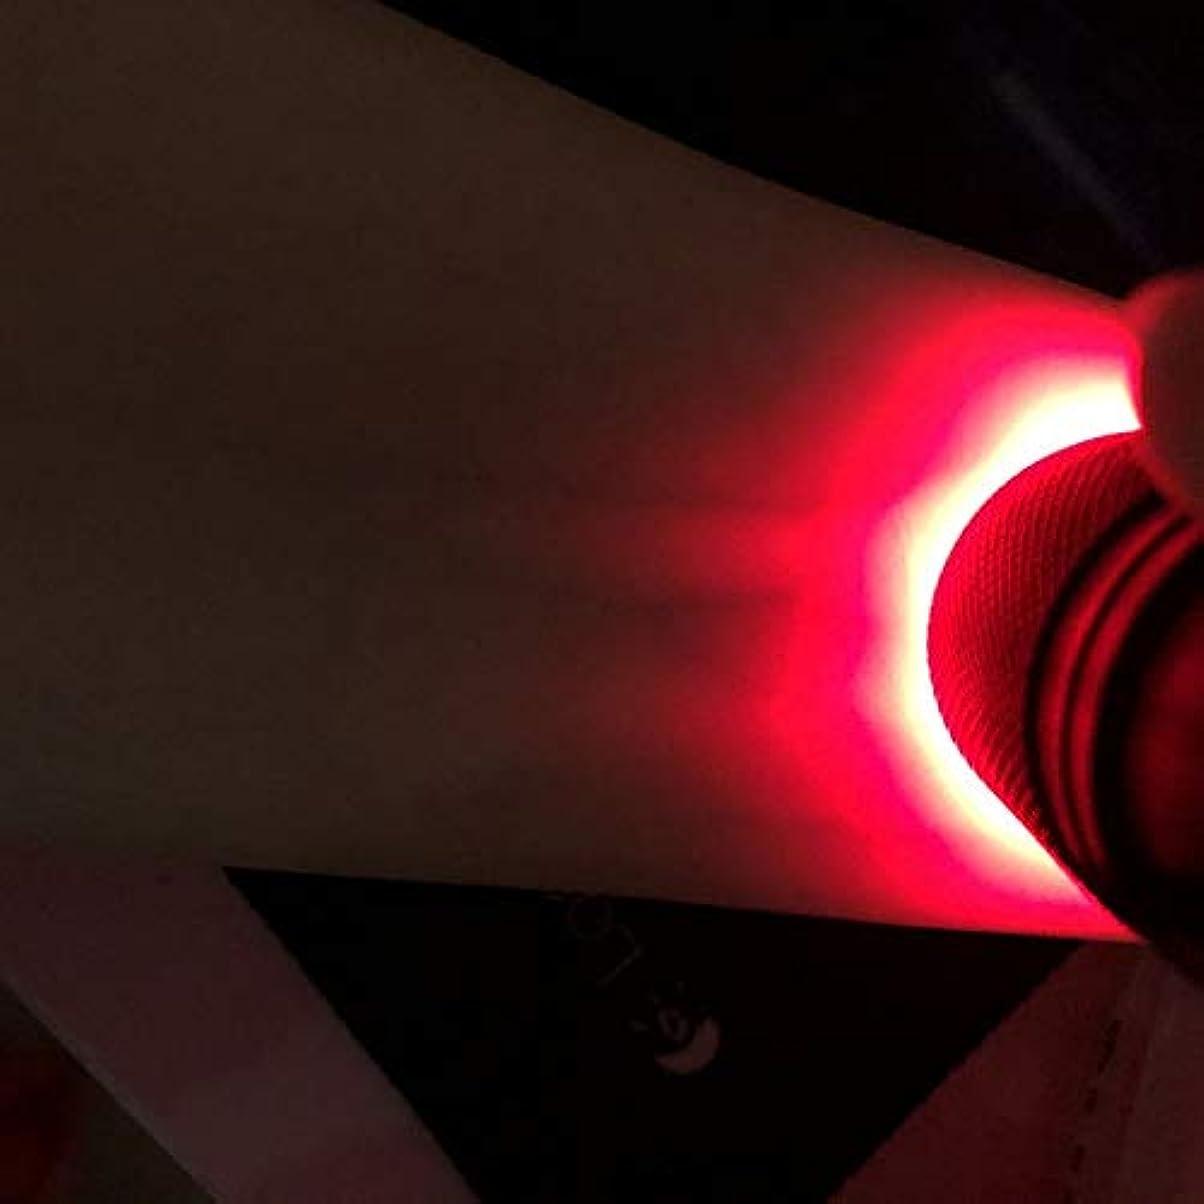 チョップ確認する硬さ静脈イメージング懐中電灯血管ディスプレイ懐中電灯手穿刺による血管ライトの確認皮下静脈デバイスの発見が容易